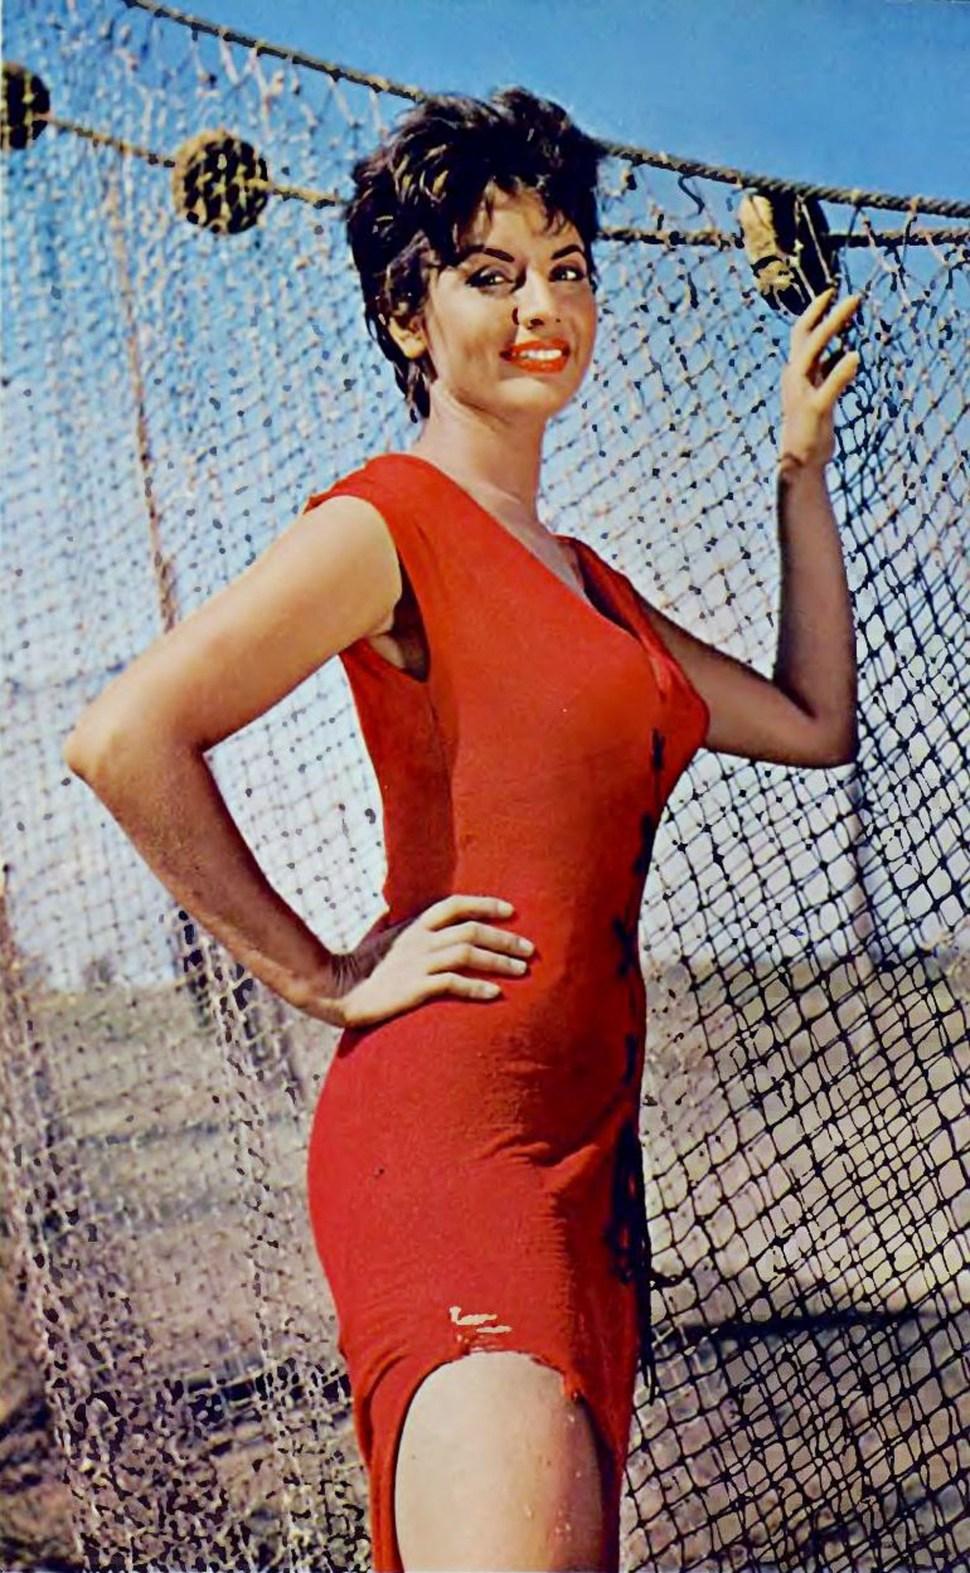 Isabel Sarli fue pareja deArmando Bó desde 1956 hasta su muerte, en 1981. Tiene dos hijos, Isabelita y Martín